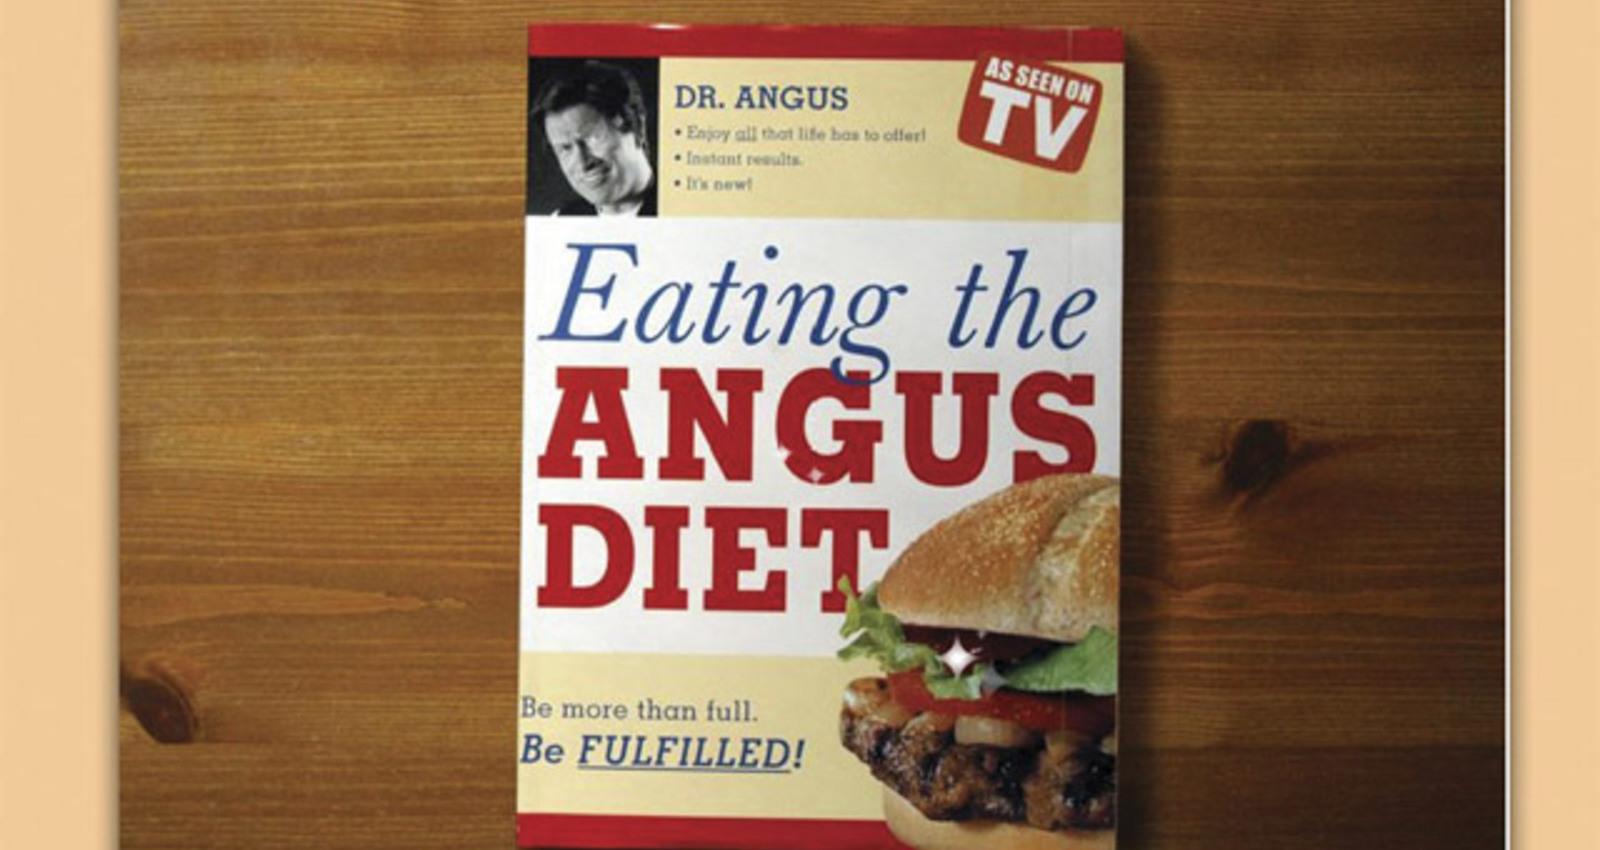 Dr. Angus